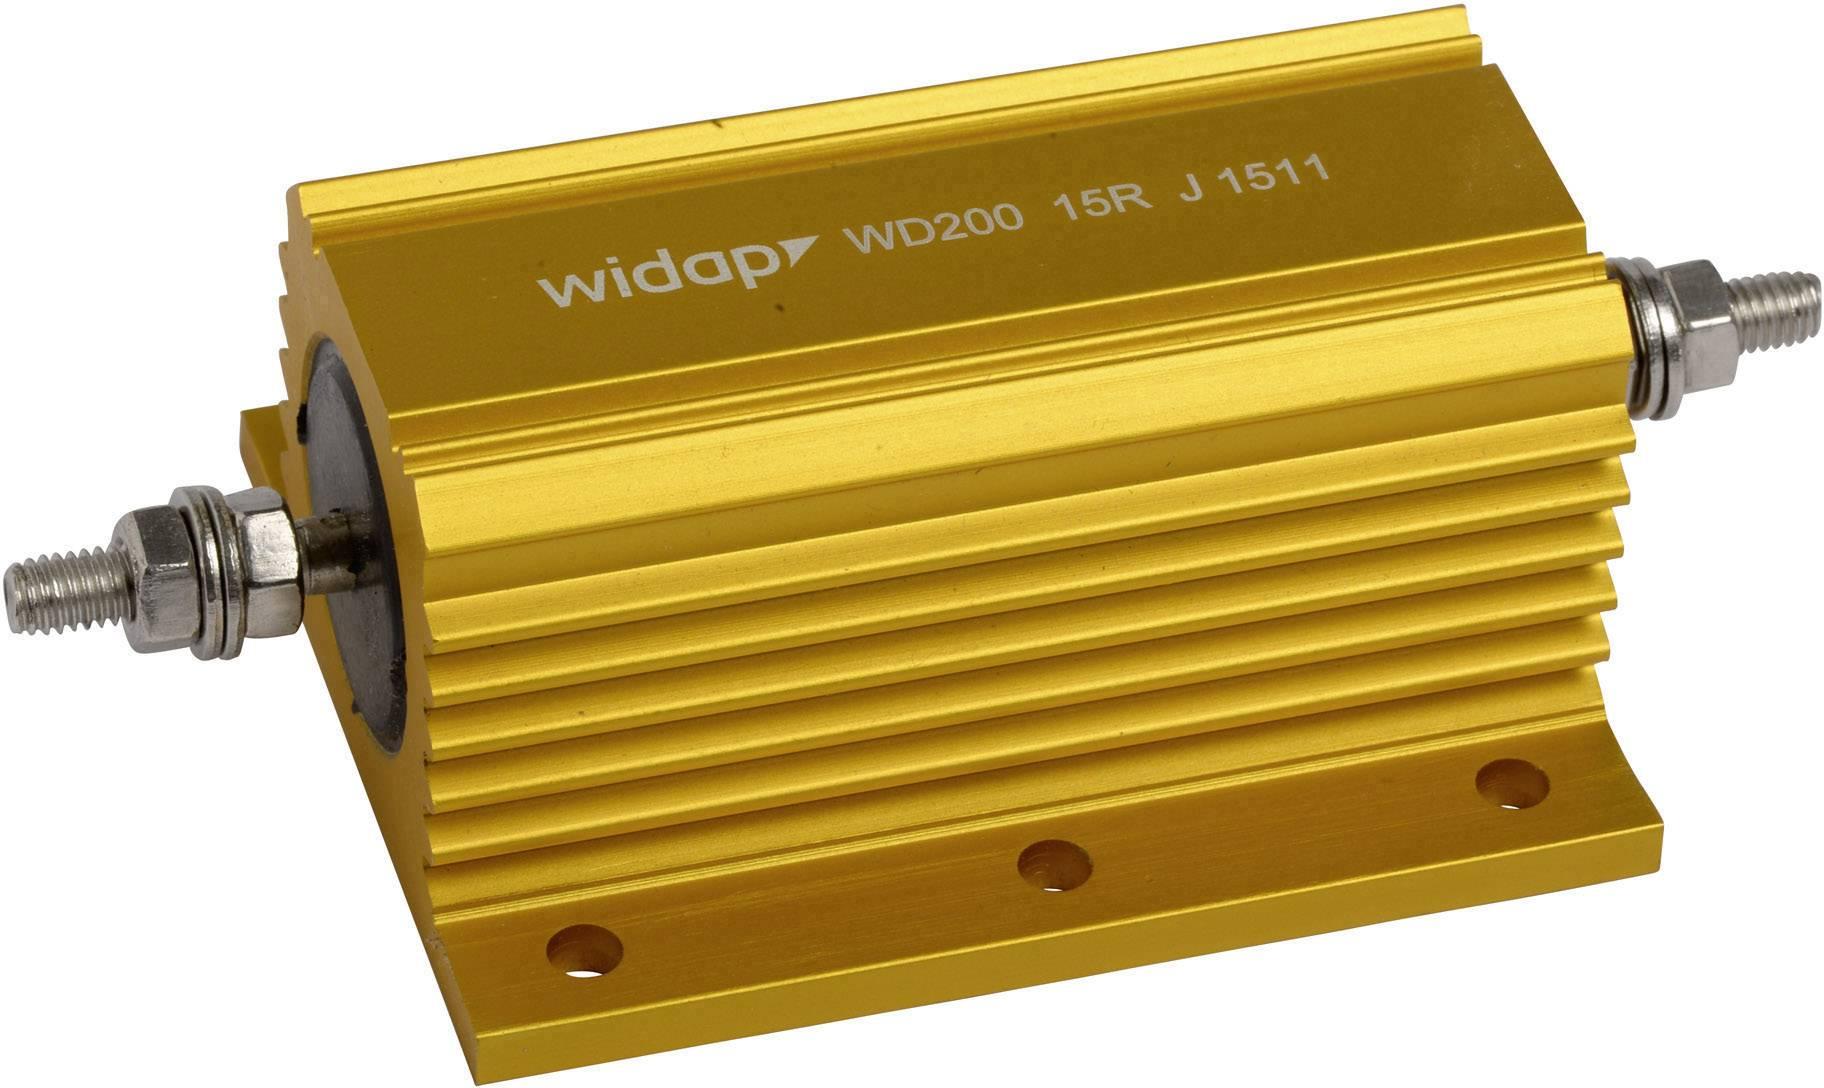 Drátový rezistor Widap 160163, hodnota odporu 1.0 kOhm, v pouzdře, 200 W, 1 ks